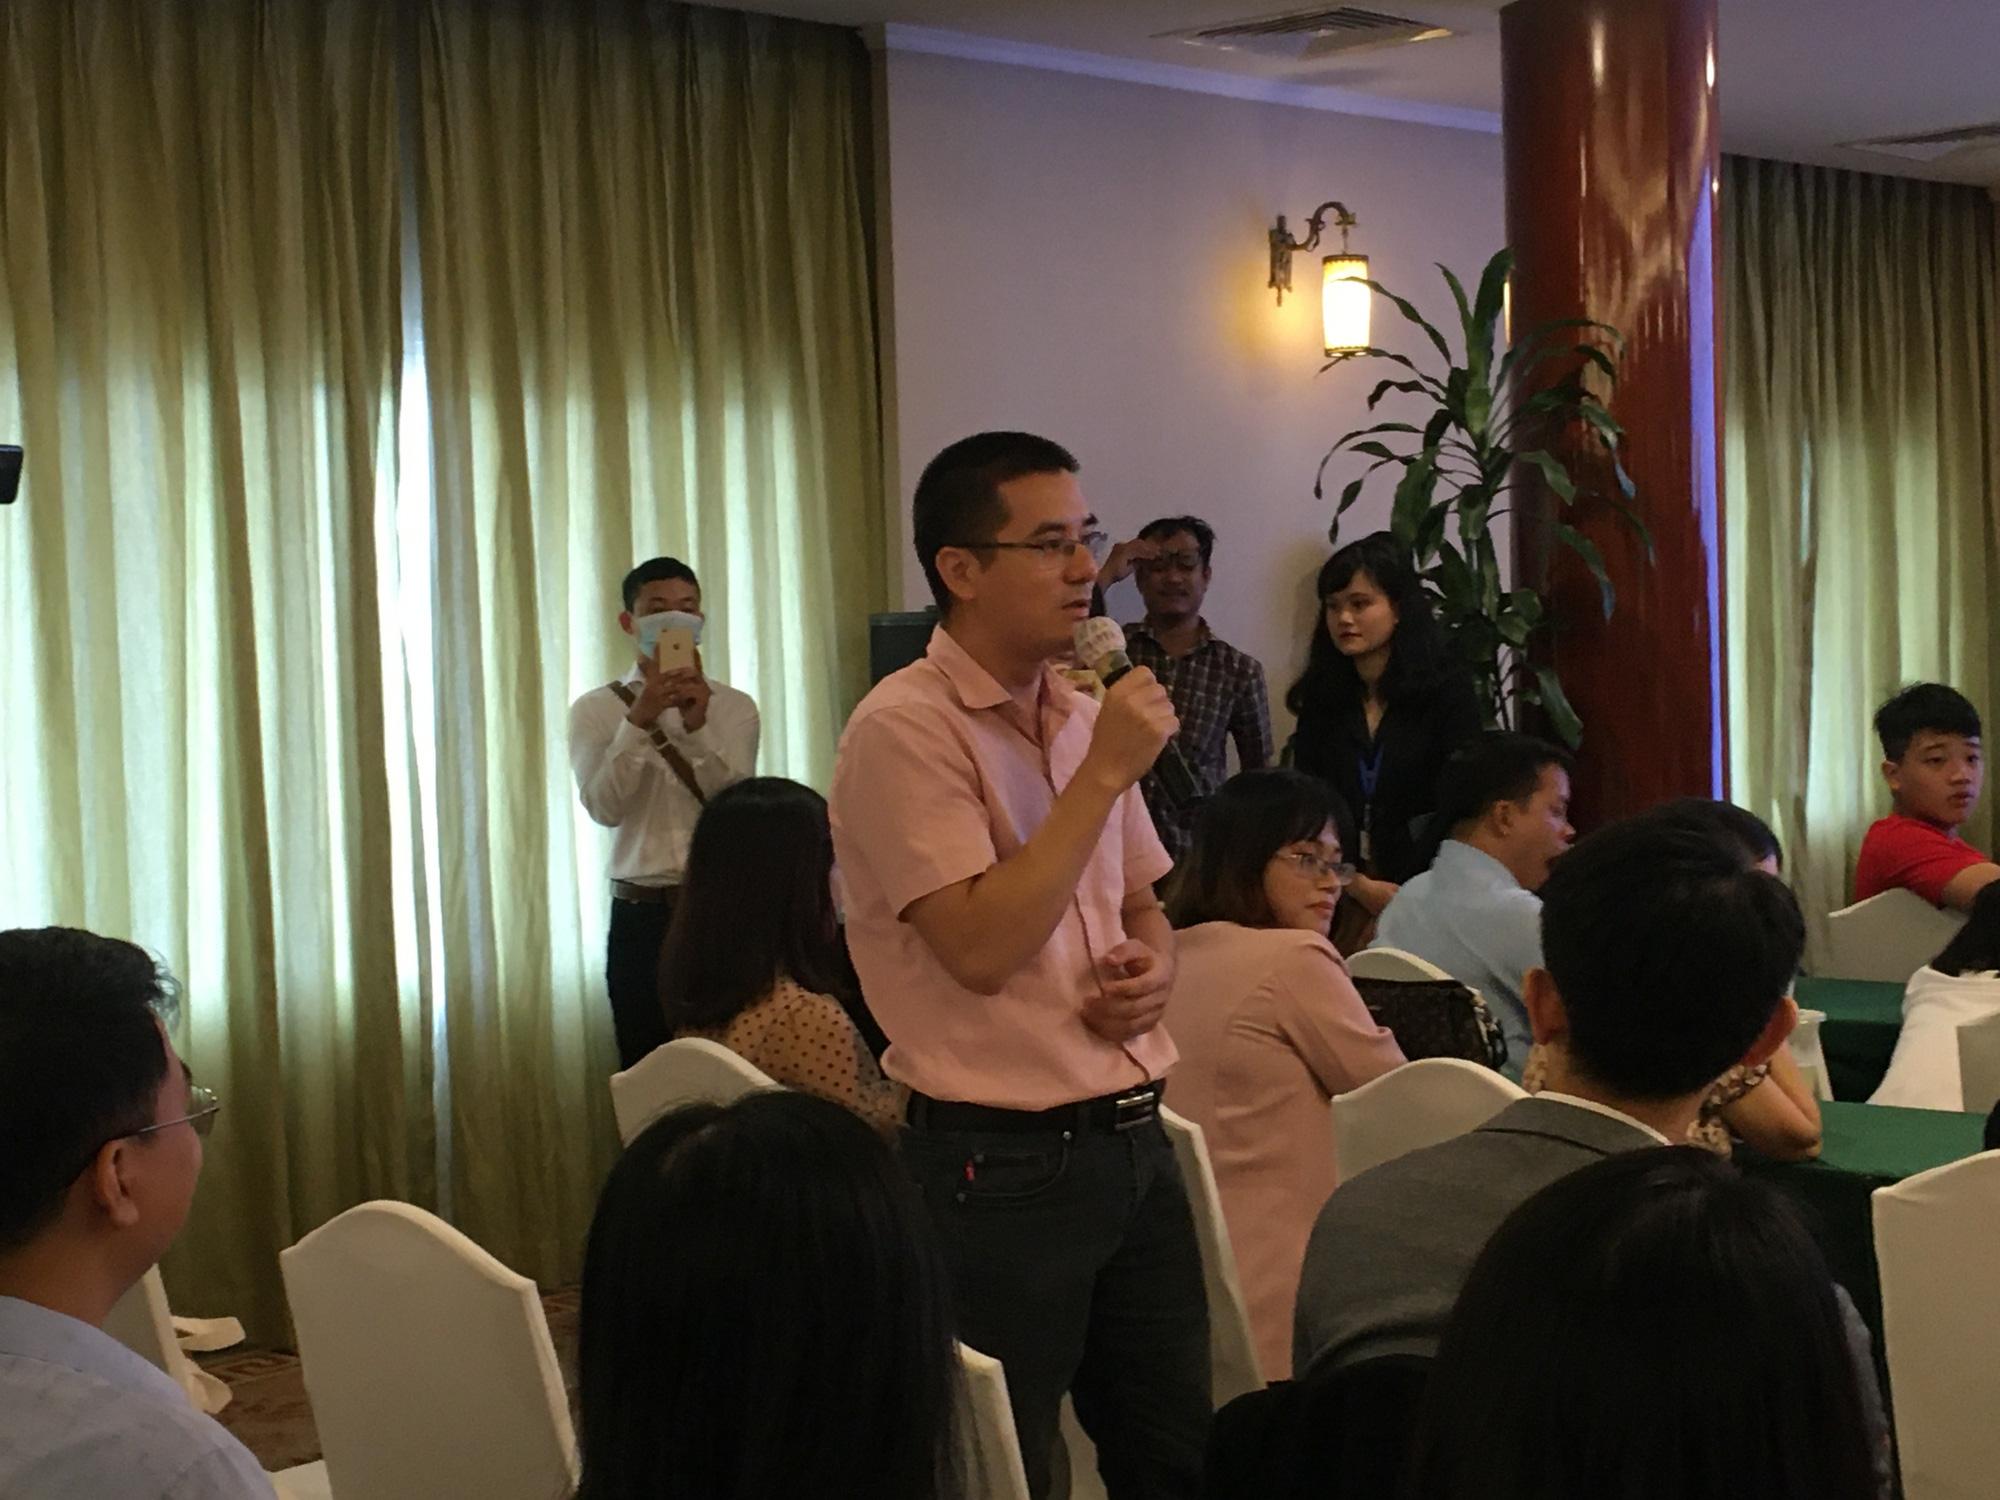 Nhà văn Trần Thùy Mai nhận giải Sách hay 2020 với bộ sách Từ Dụ Thái Hậu  - Ảnh 3.